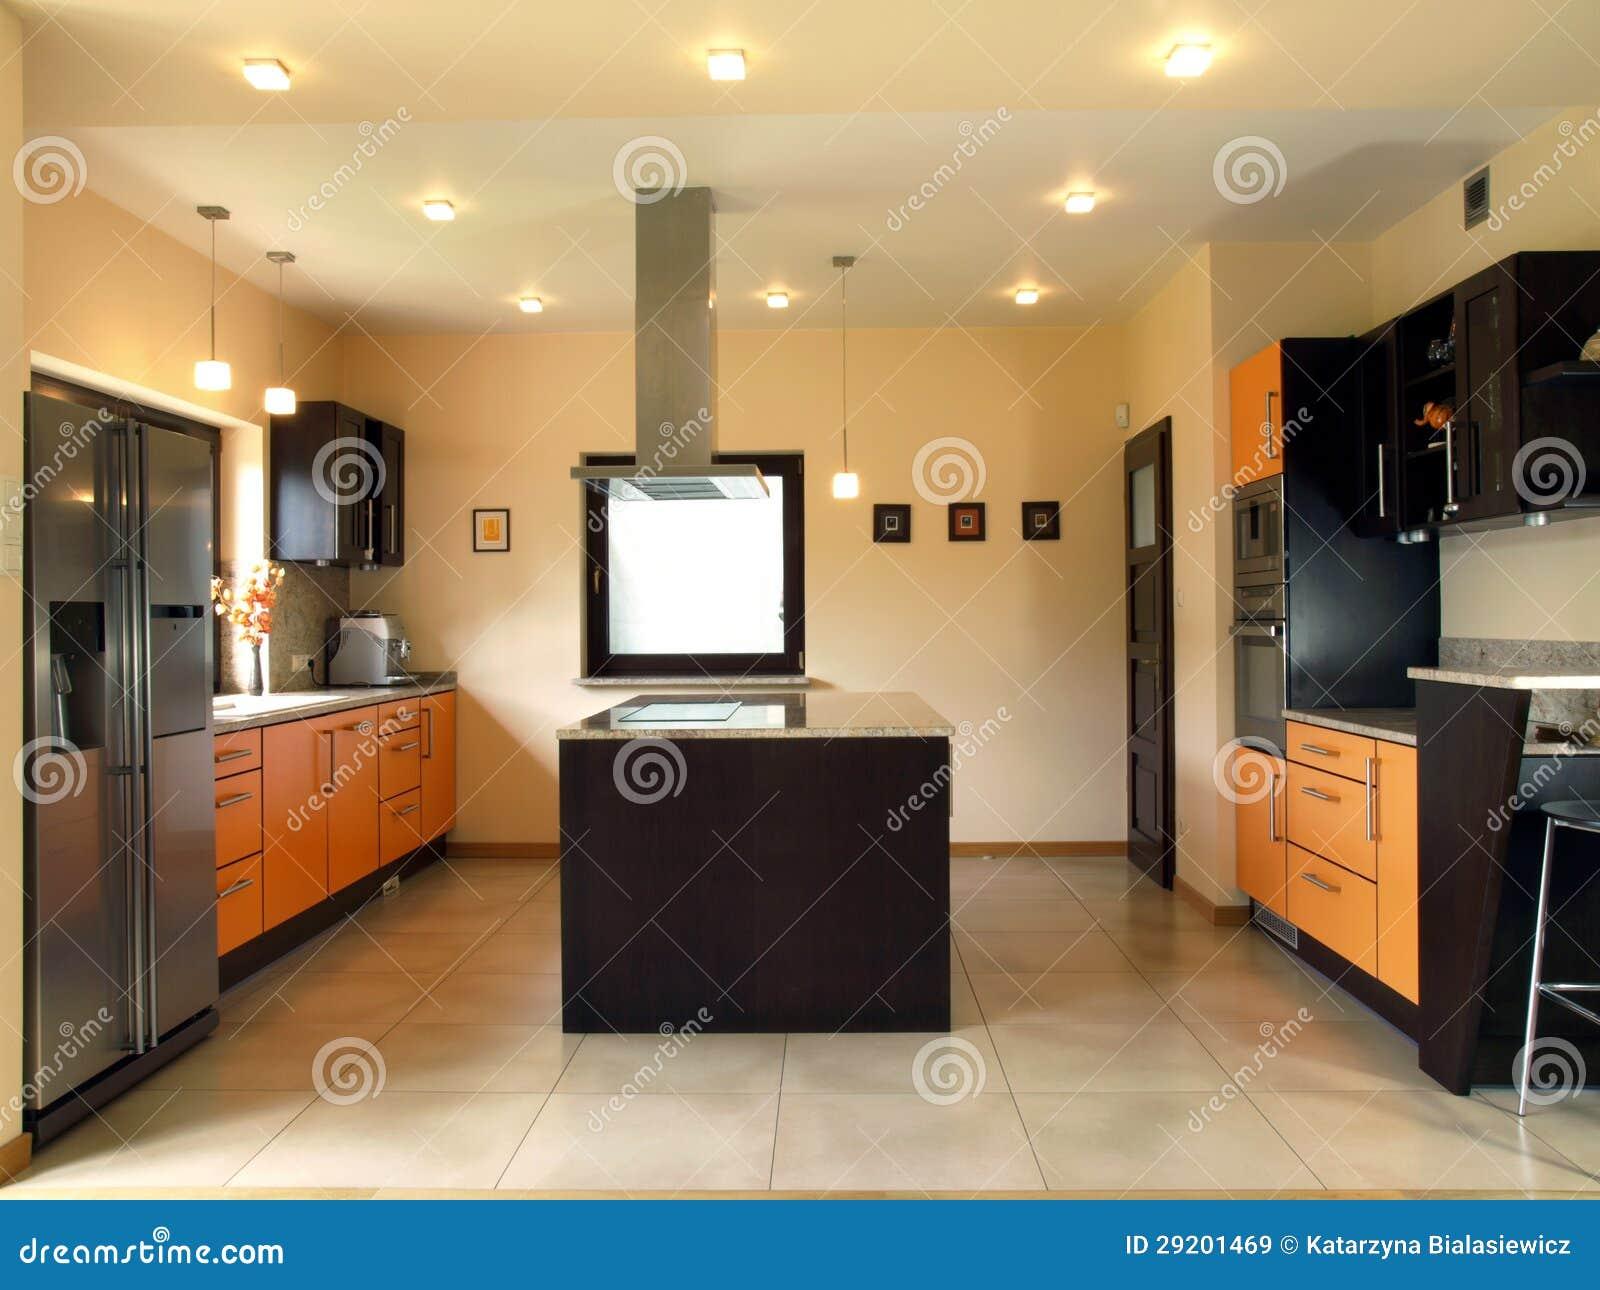 Kök design: designduon köksrenovering inredningsspecialisten. kök ...